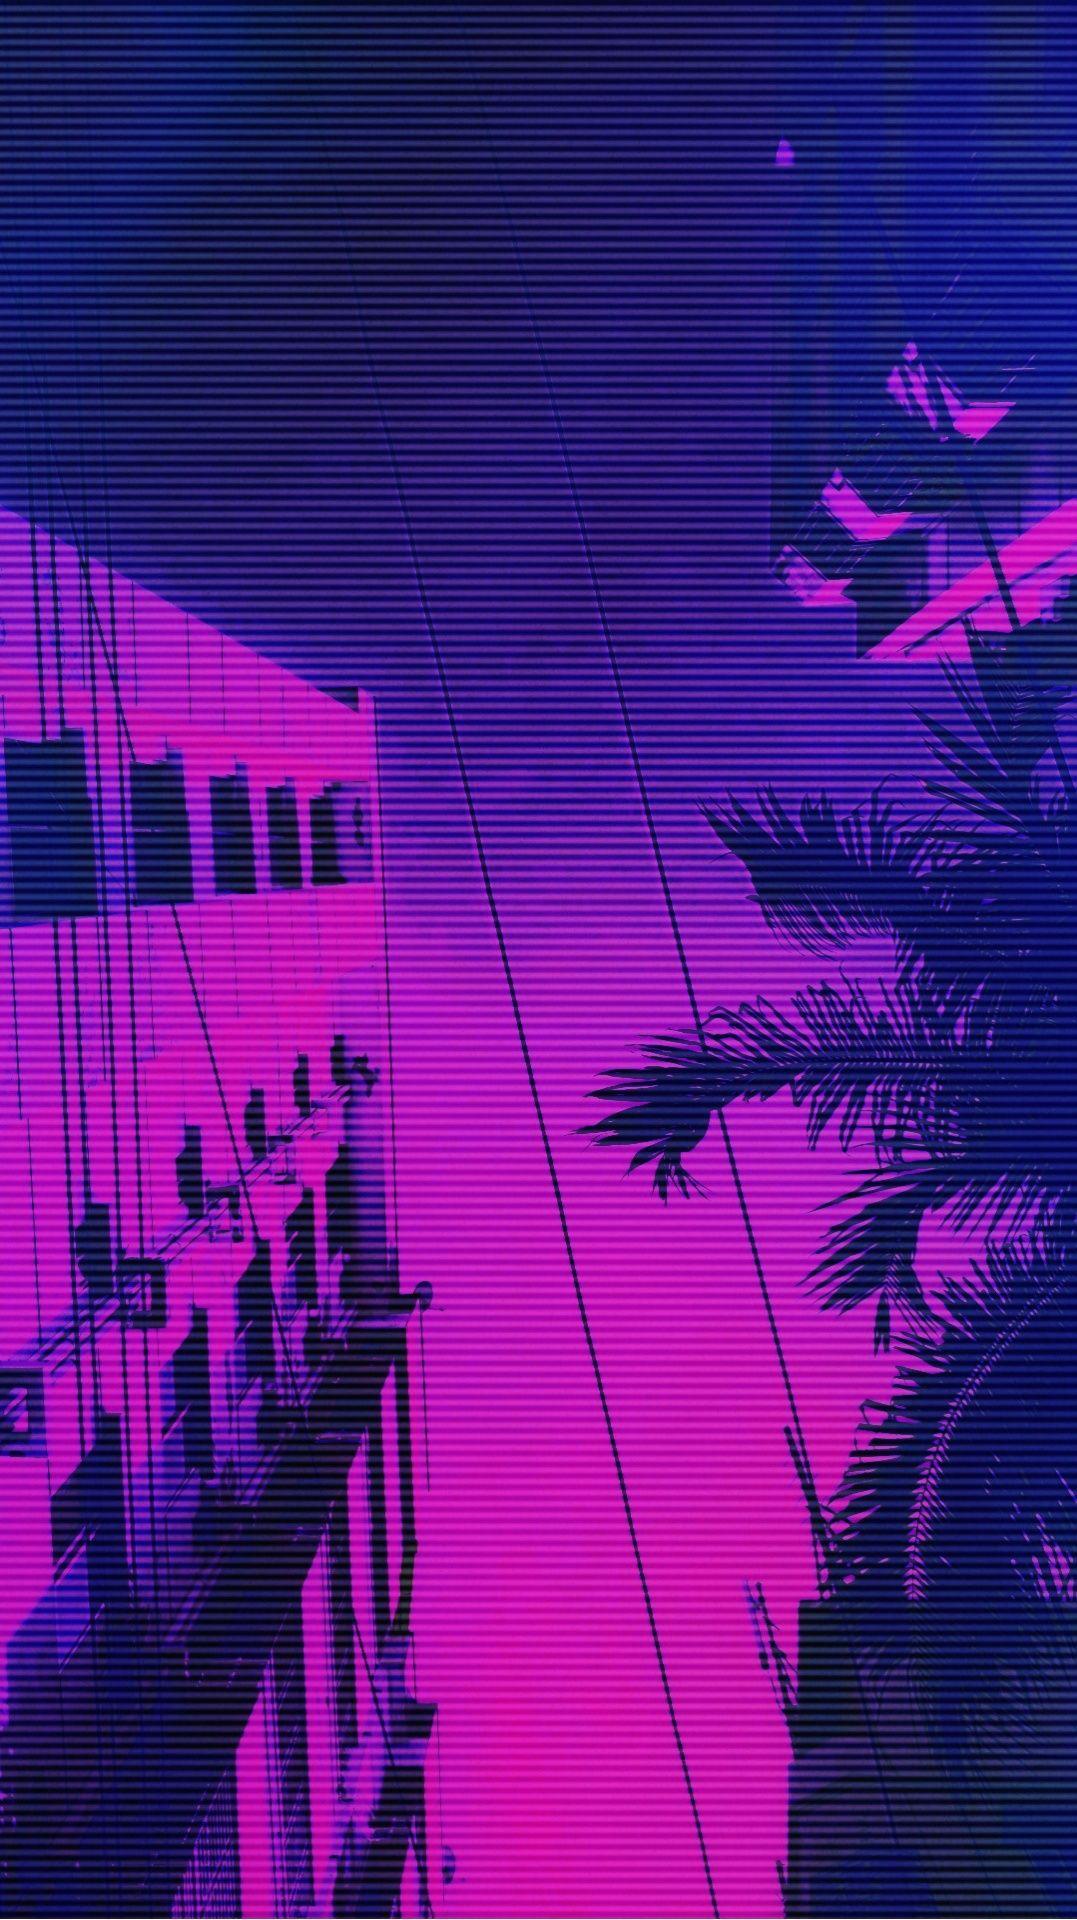 m o r n i n g 天明 Vaporwave wallpaper, Aesthetic